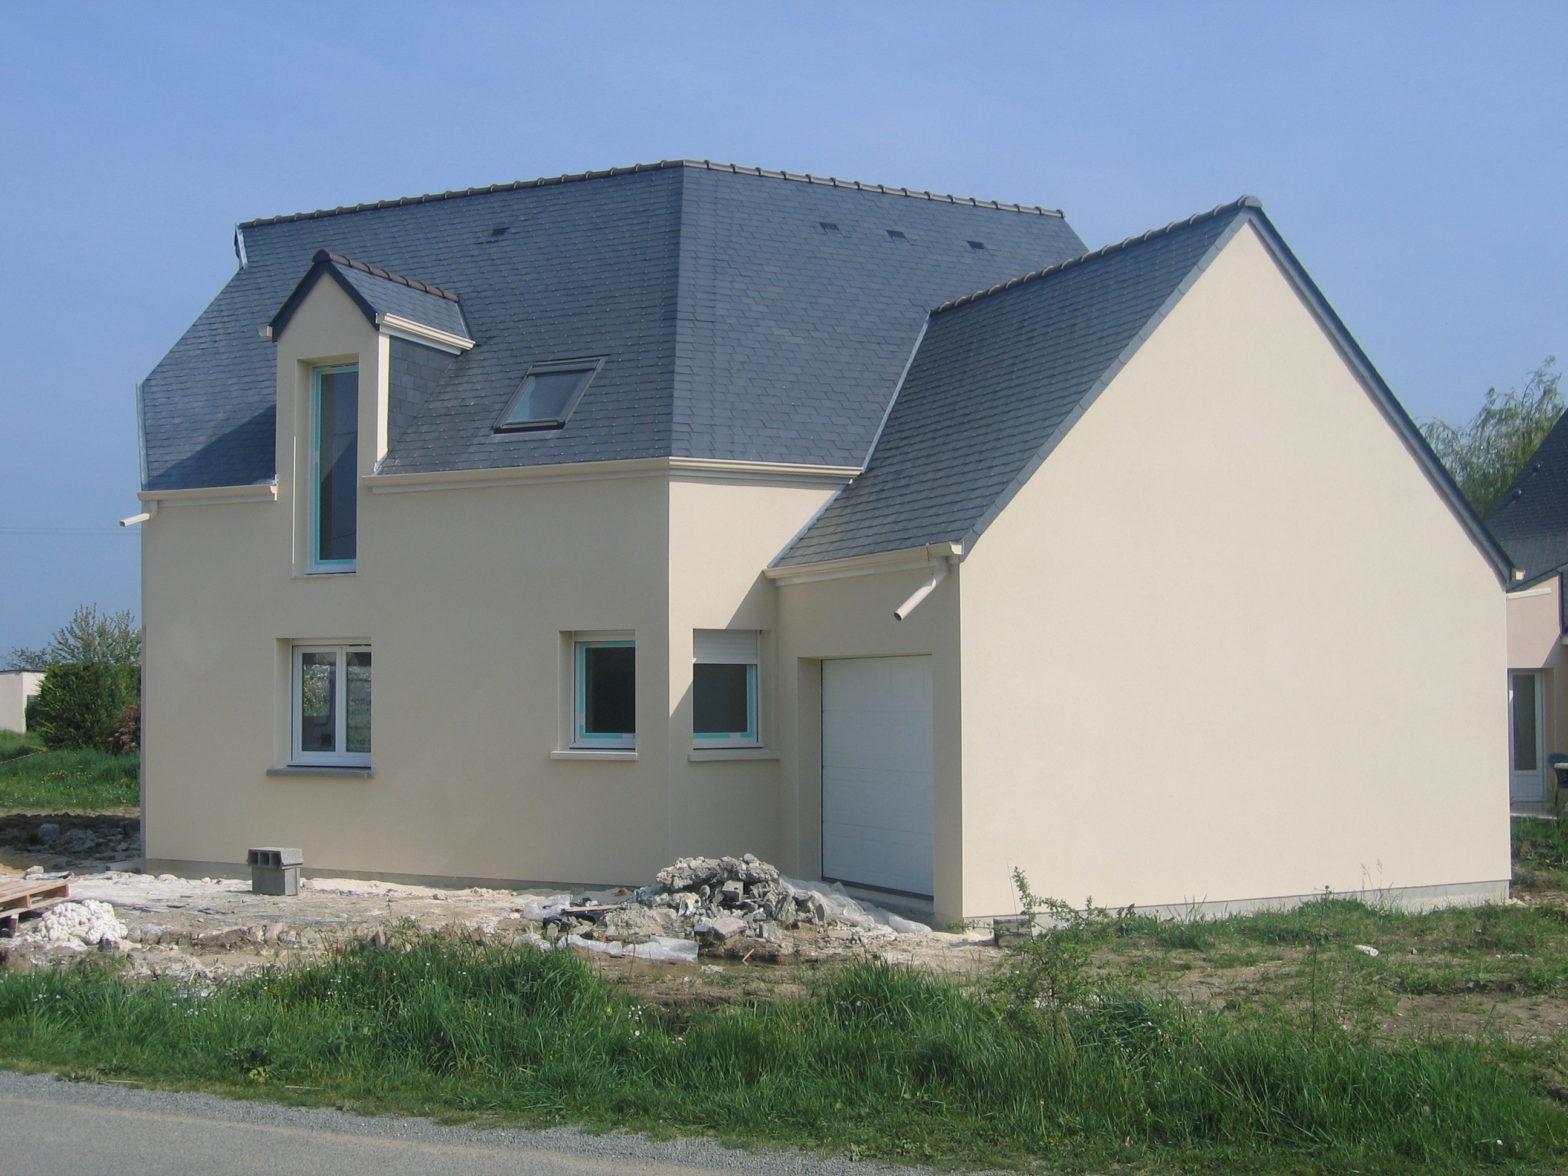 maison etage comble toiture ardoise saint mathurin sur loire 49250